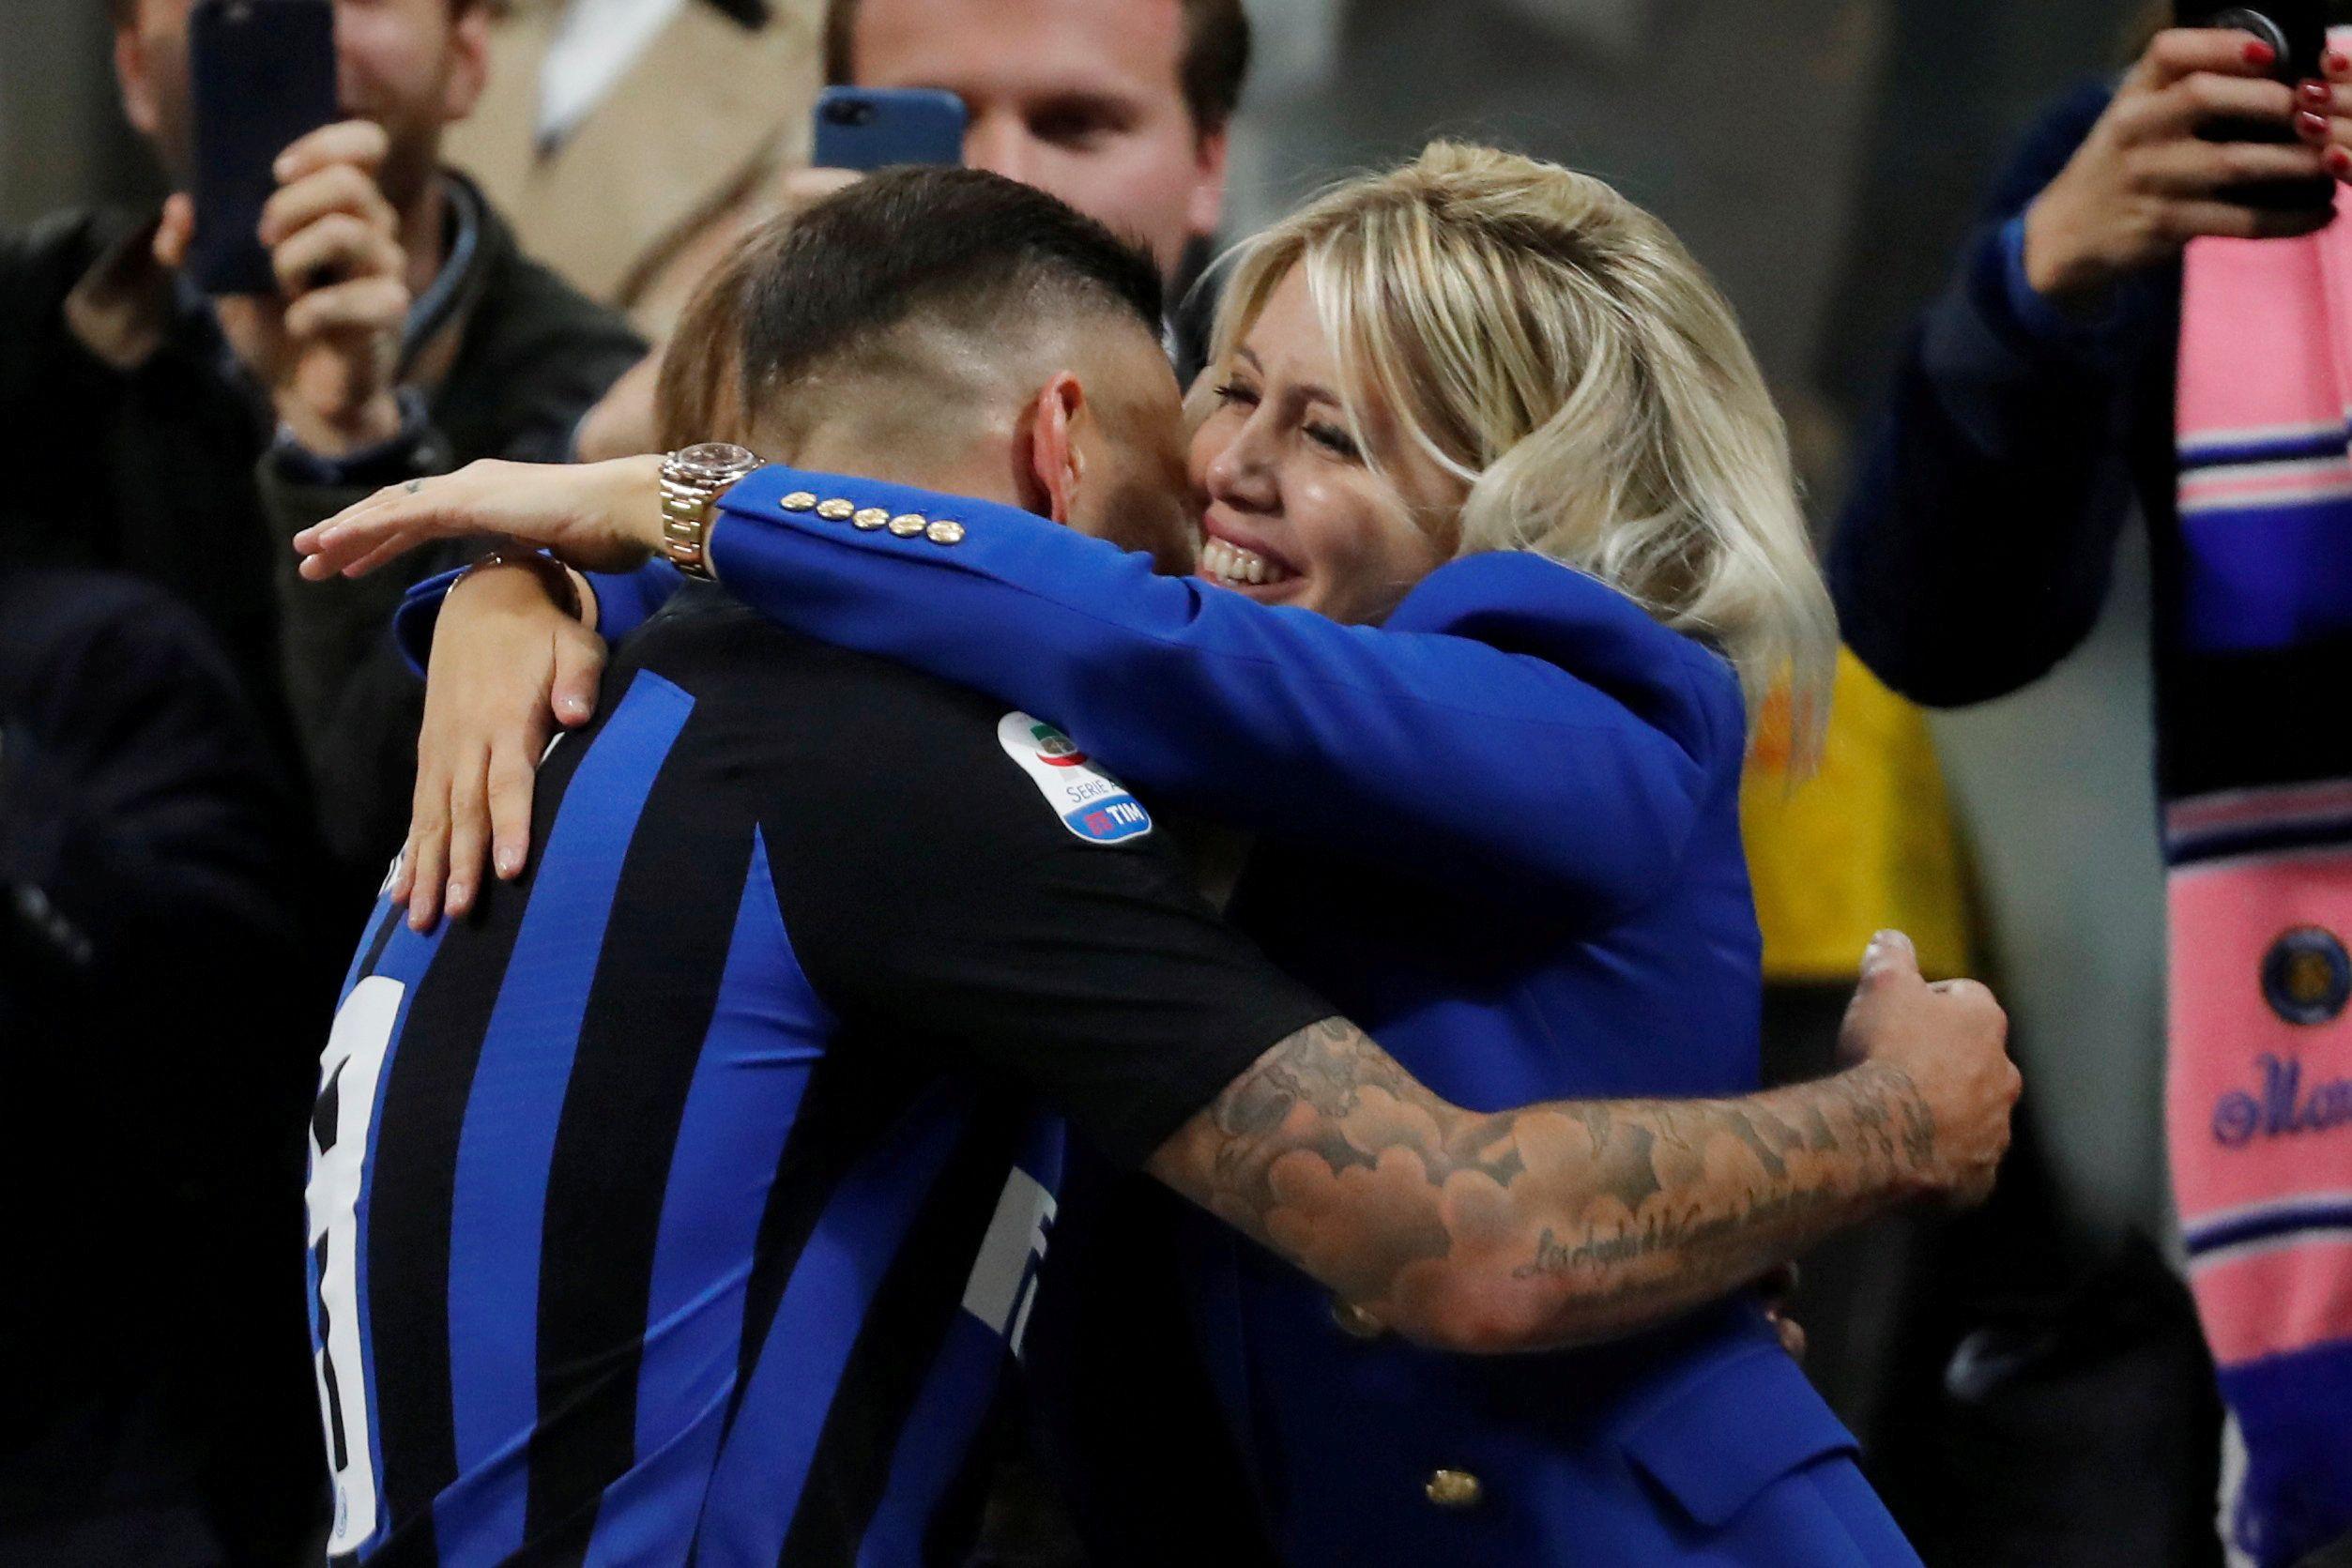 Divórcio entre Inter e Icardi à vista. Carro da mulher do atleta atacado